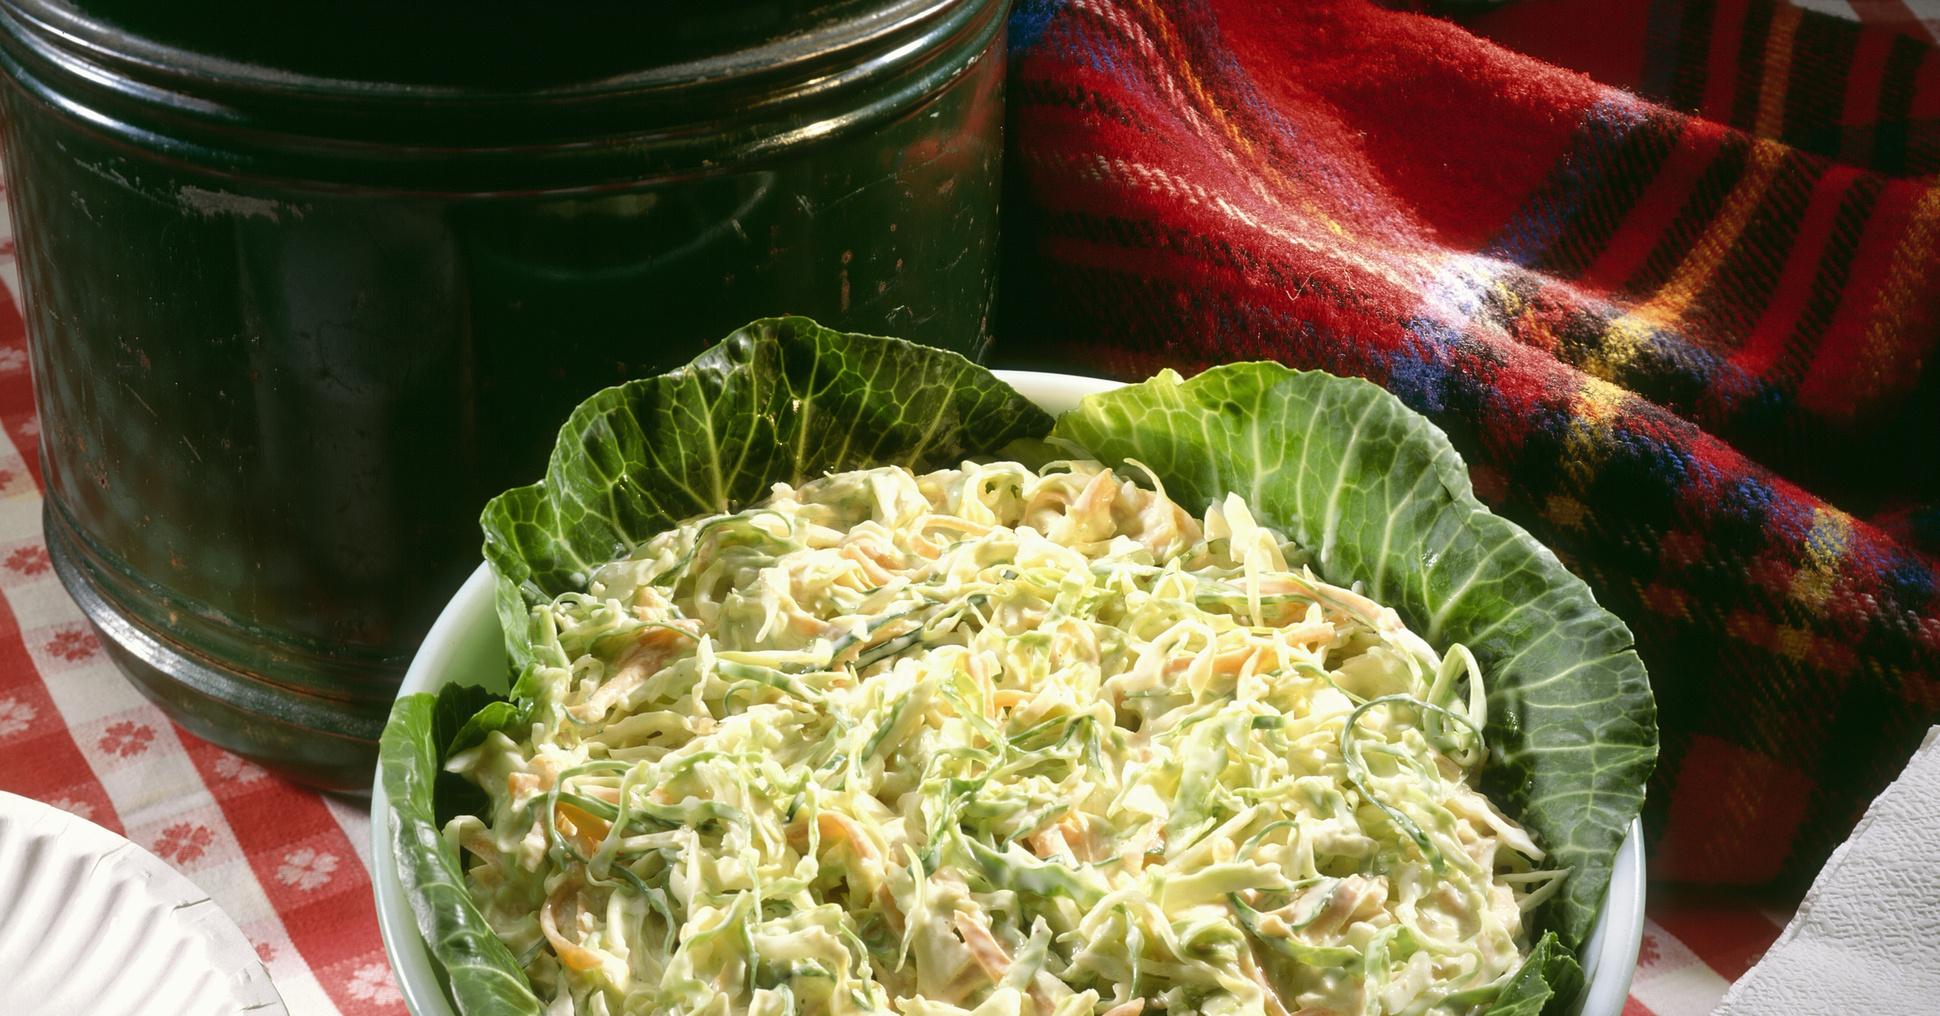 Рецепт приготовления салата из капусты с уксусом